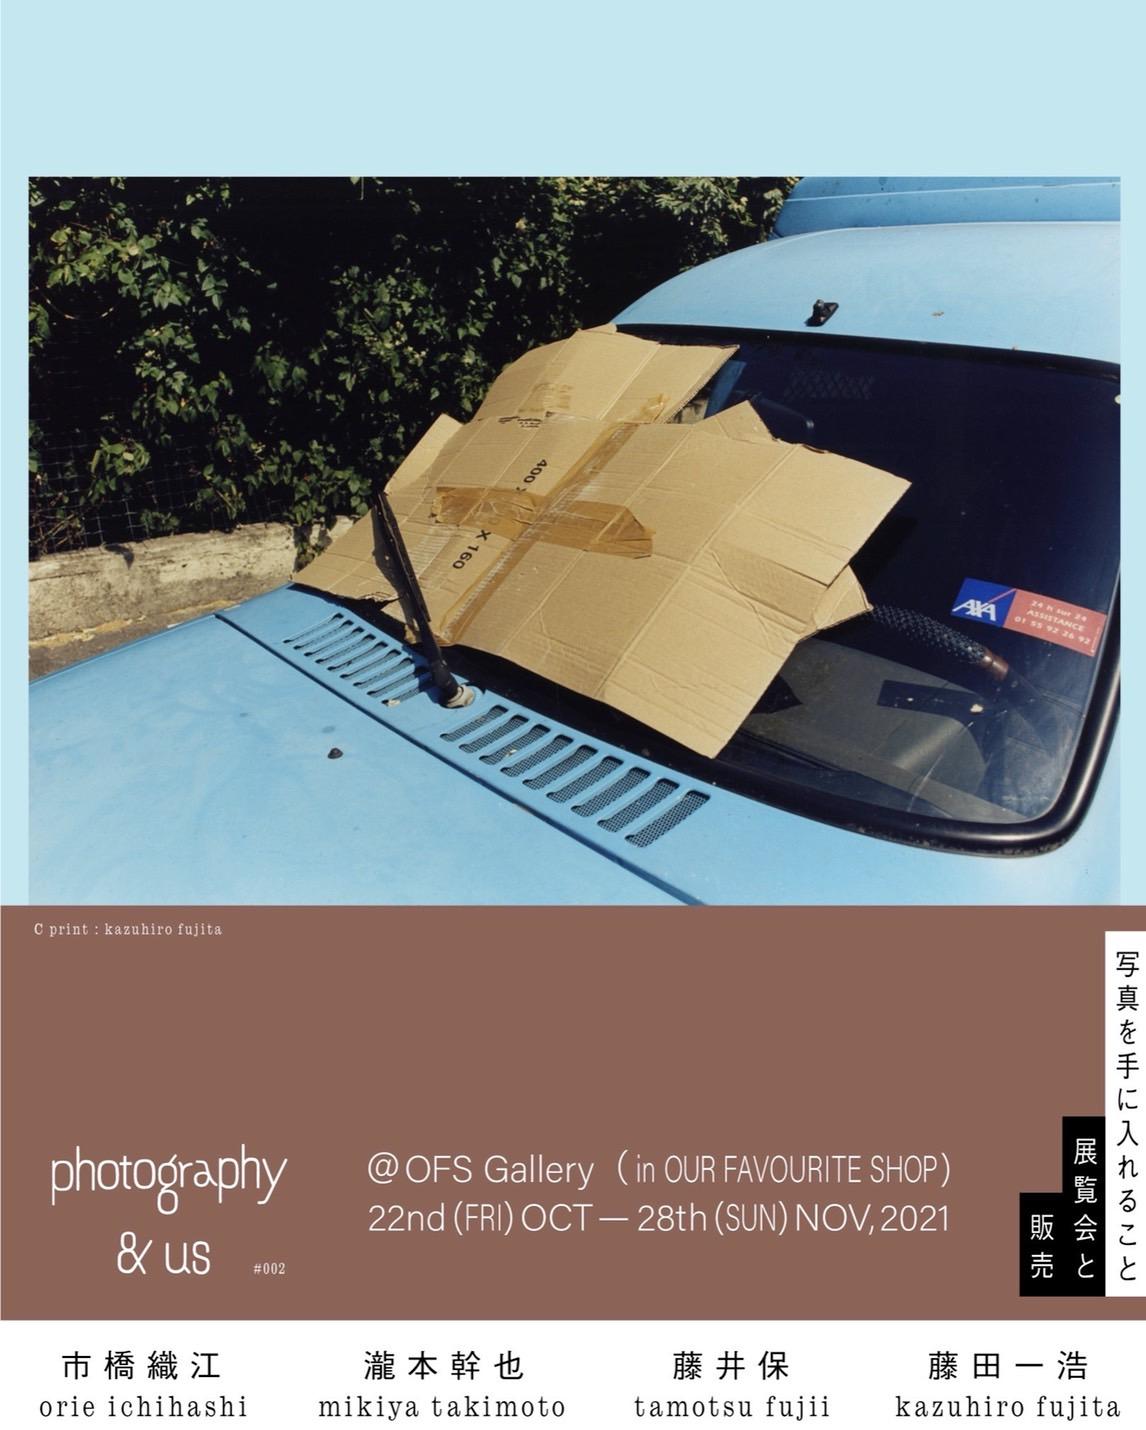 日常に写真を。展示&販売の企画「photography&us」第2弾が開催